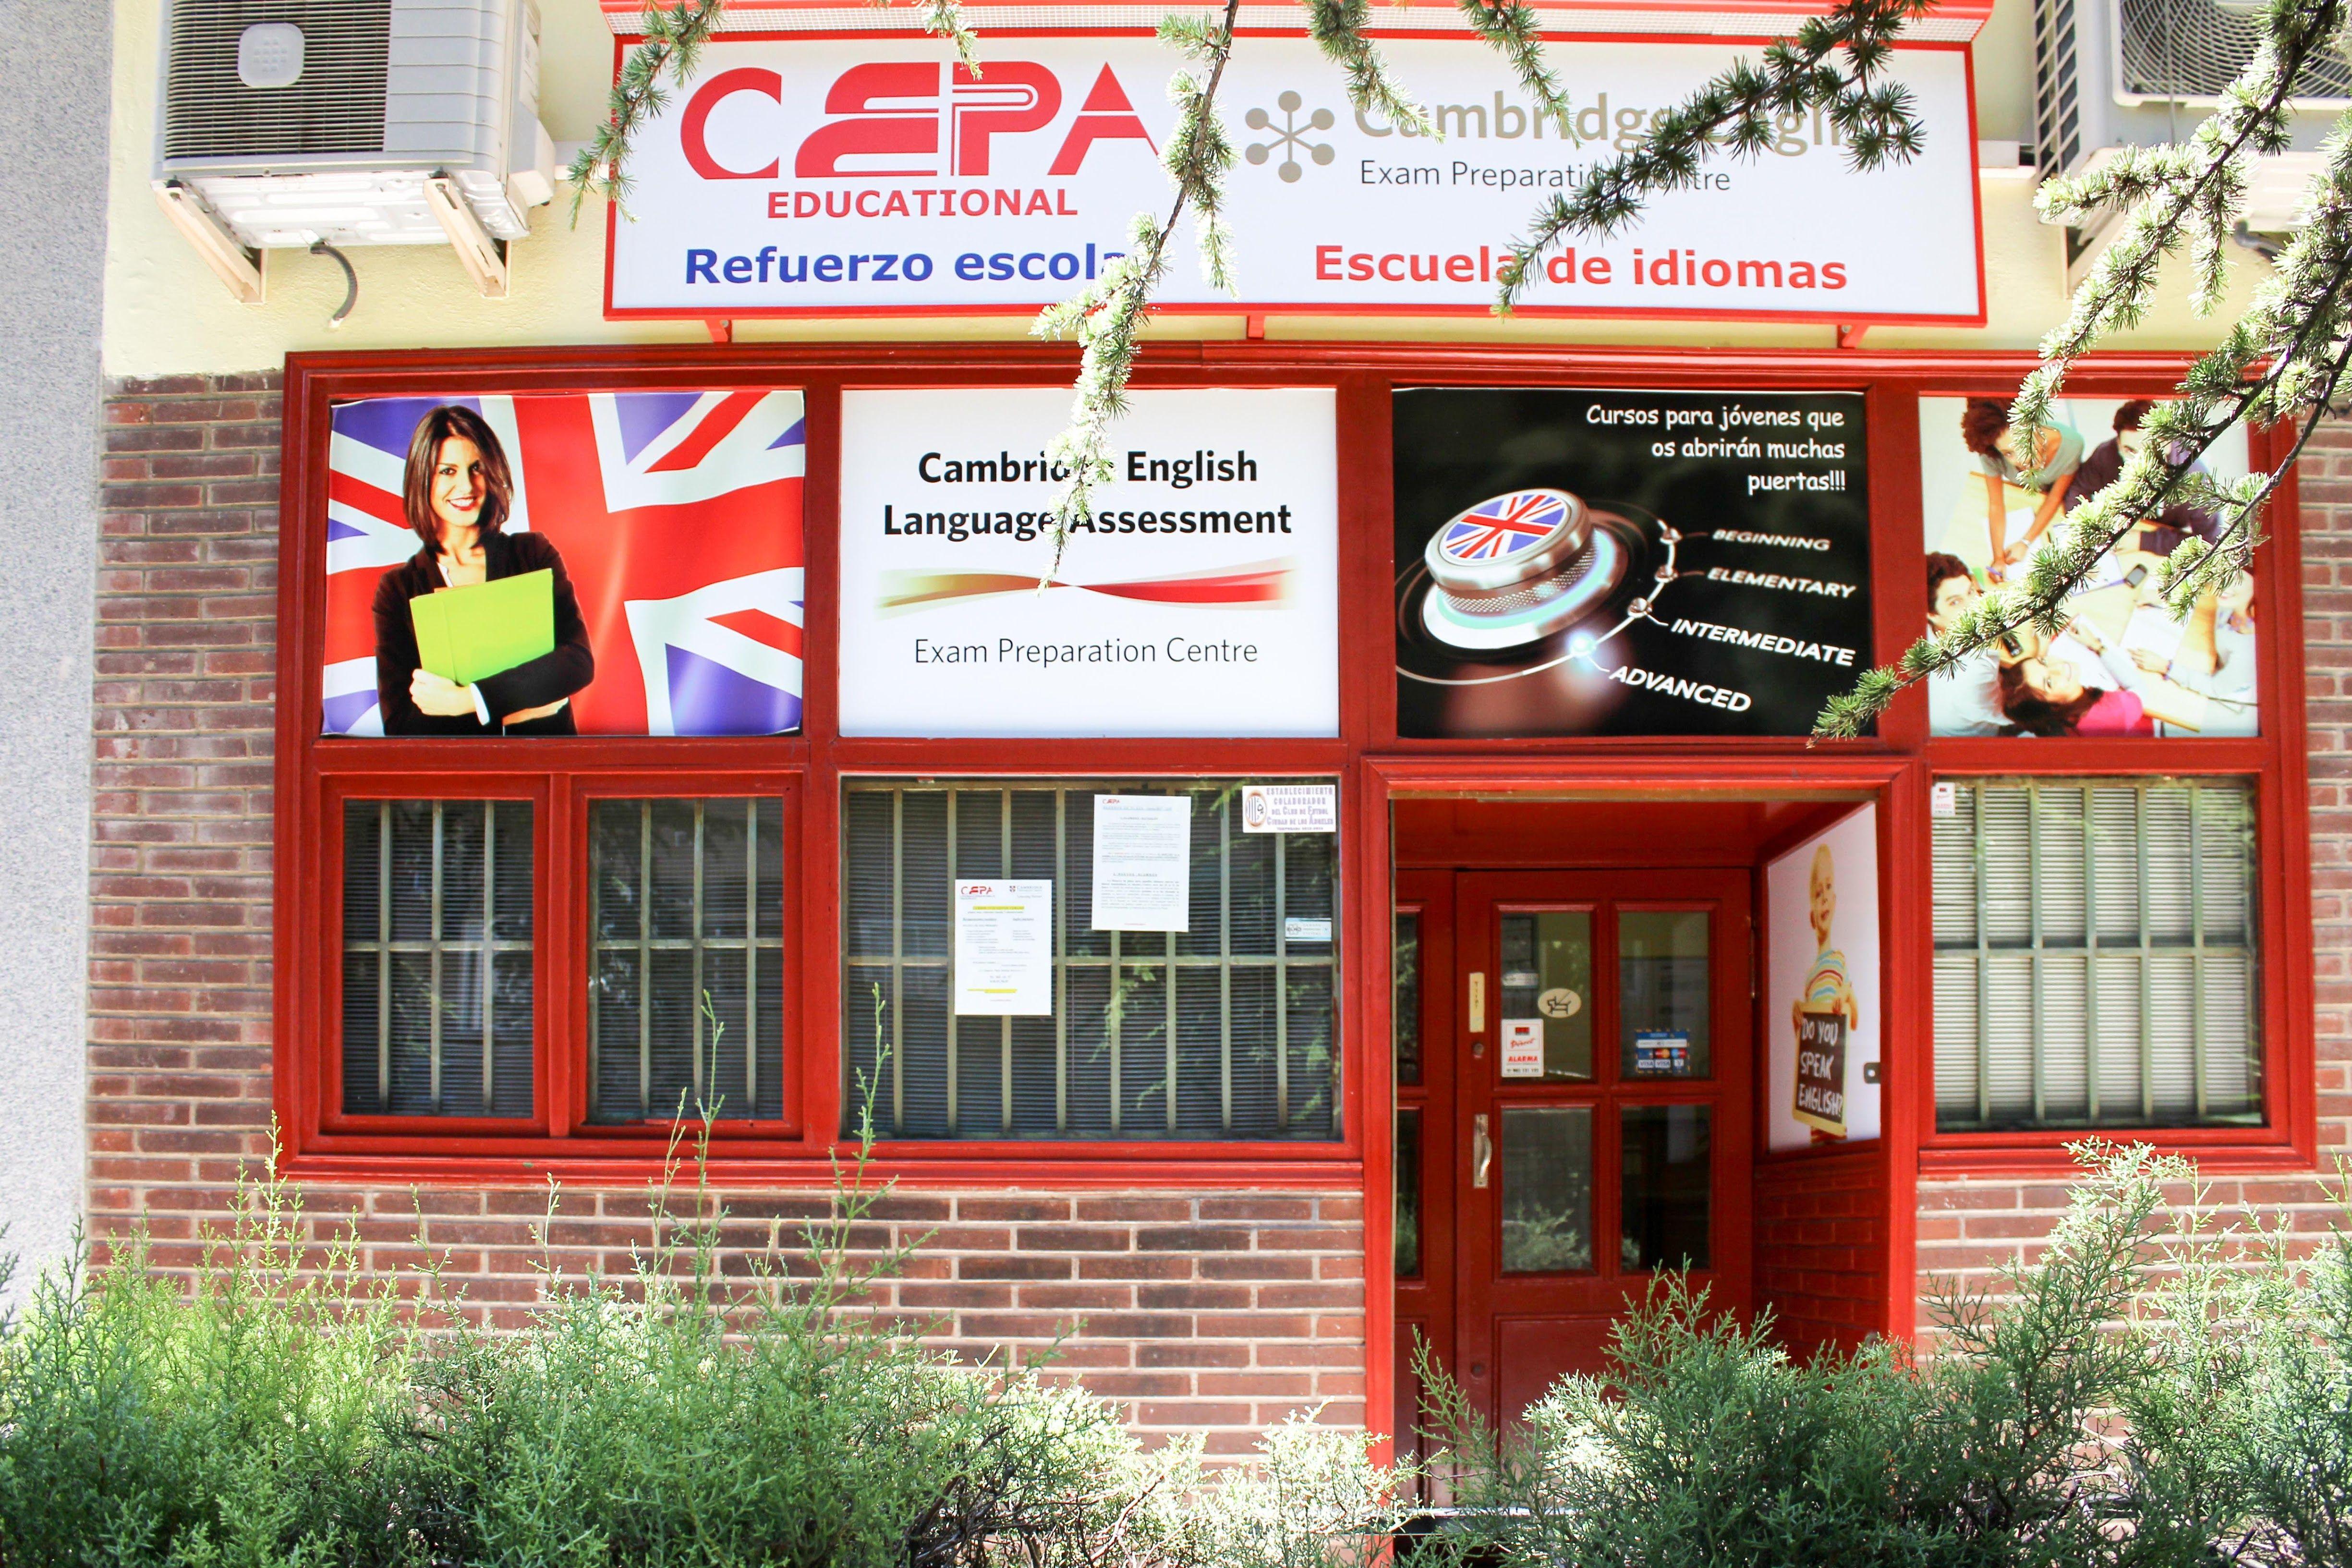 Foto 3 de Academia de inglés y de refuerzo escolar en Madrid en Madrid | Academia CEPA